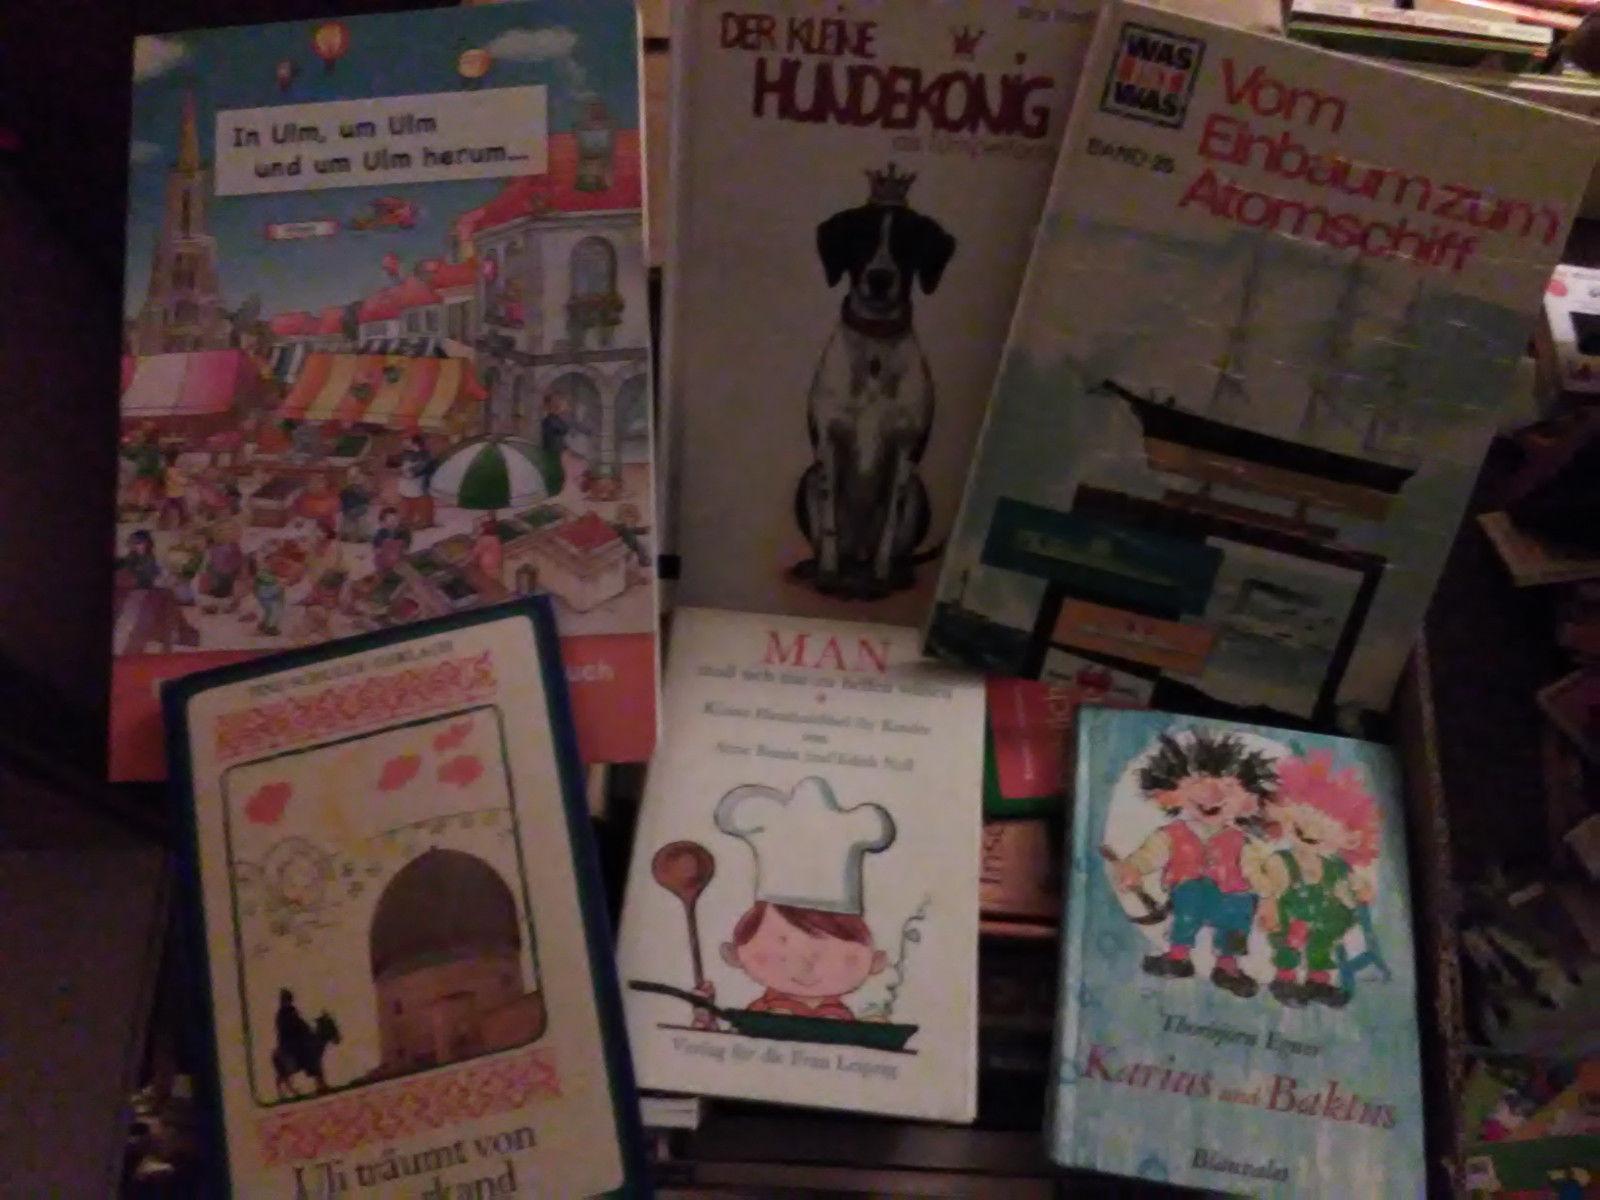 Riesiges Paket von 70 tollen Kinderbüchern teilweise aus der ehemaligen DDR